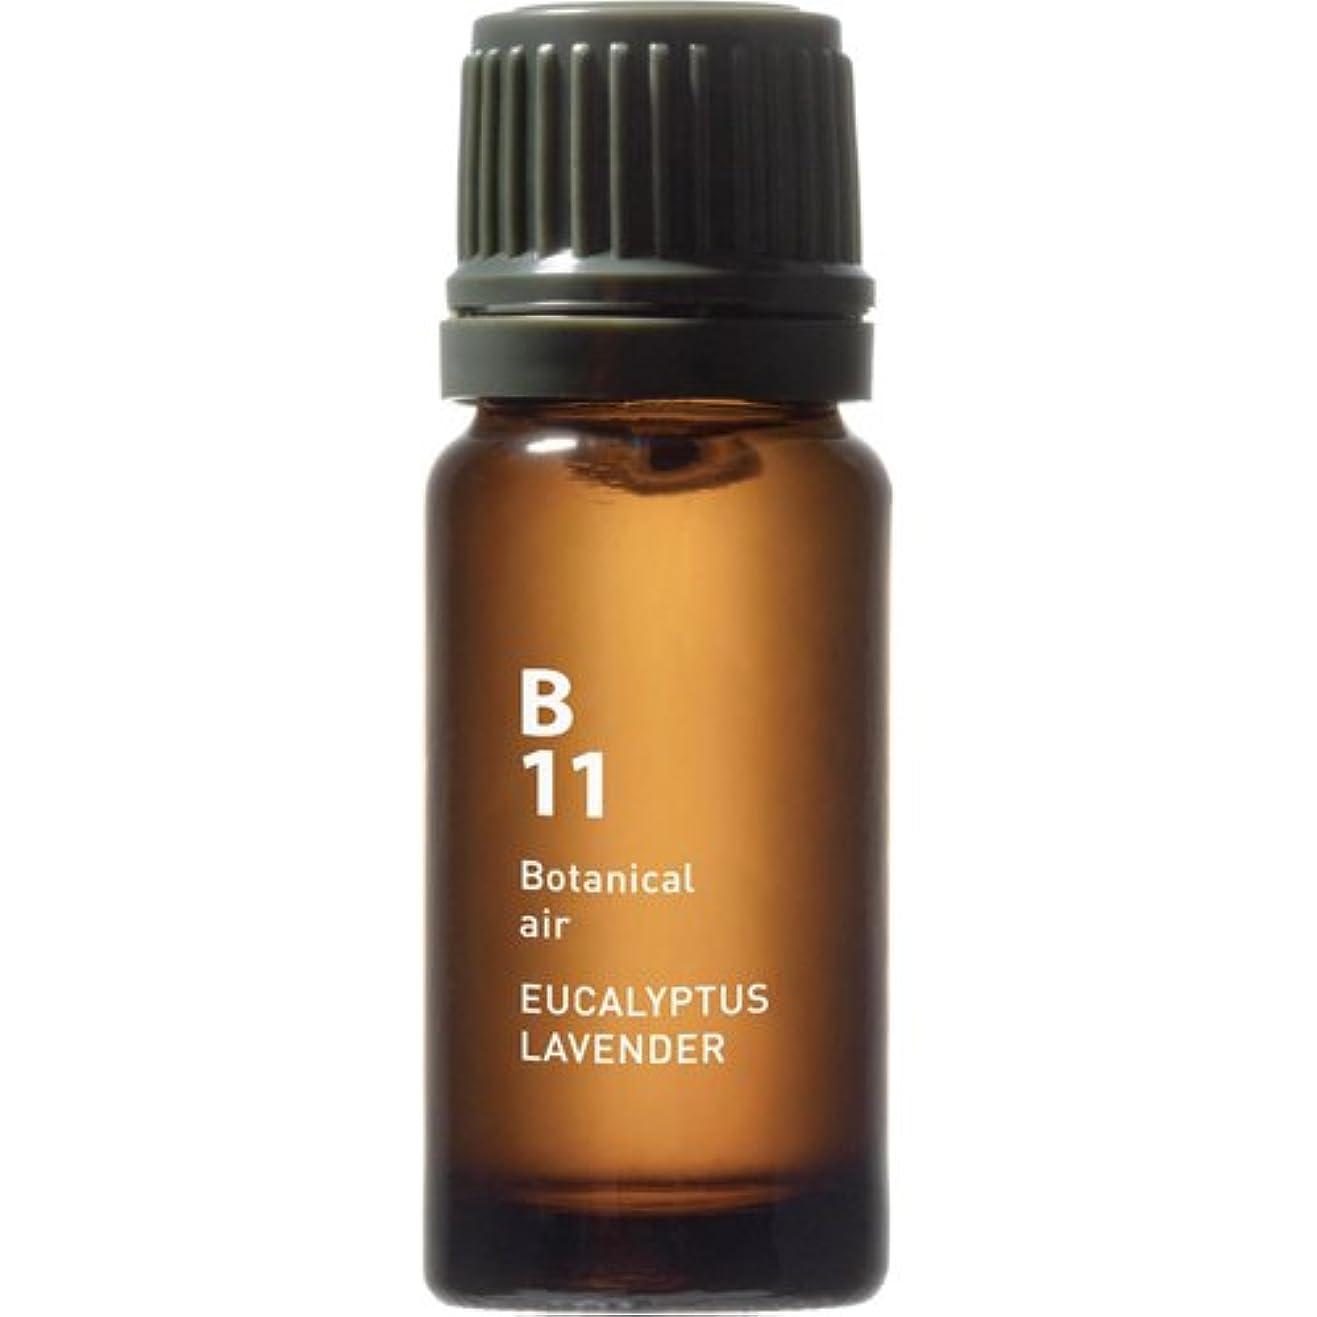 ではごきげんようペパーミントフックB11 ユーカリラベンダー Botanical air(ボタニカルエアー) 10ml